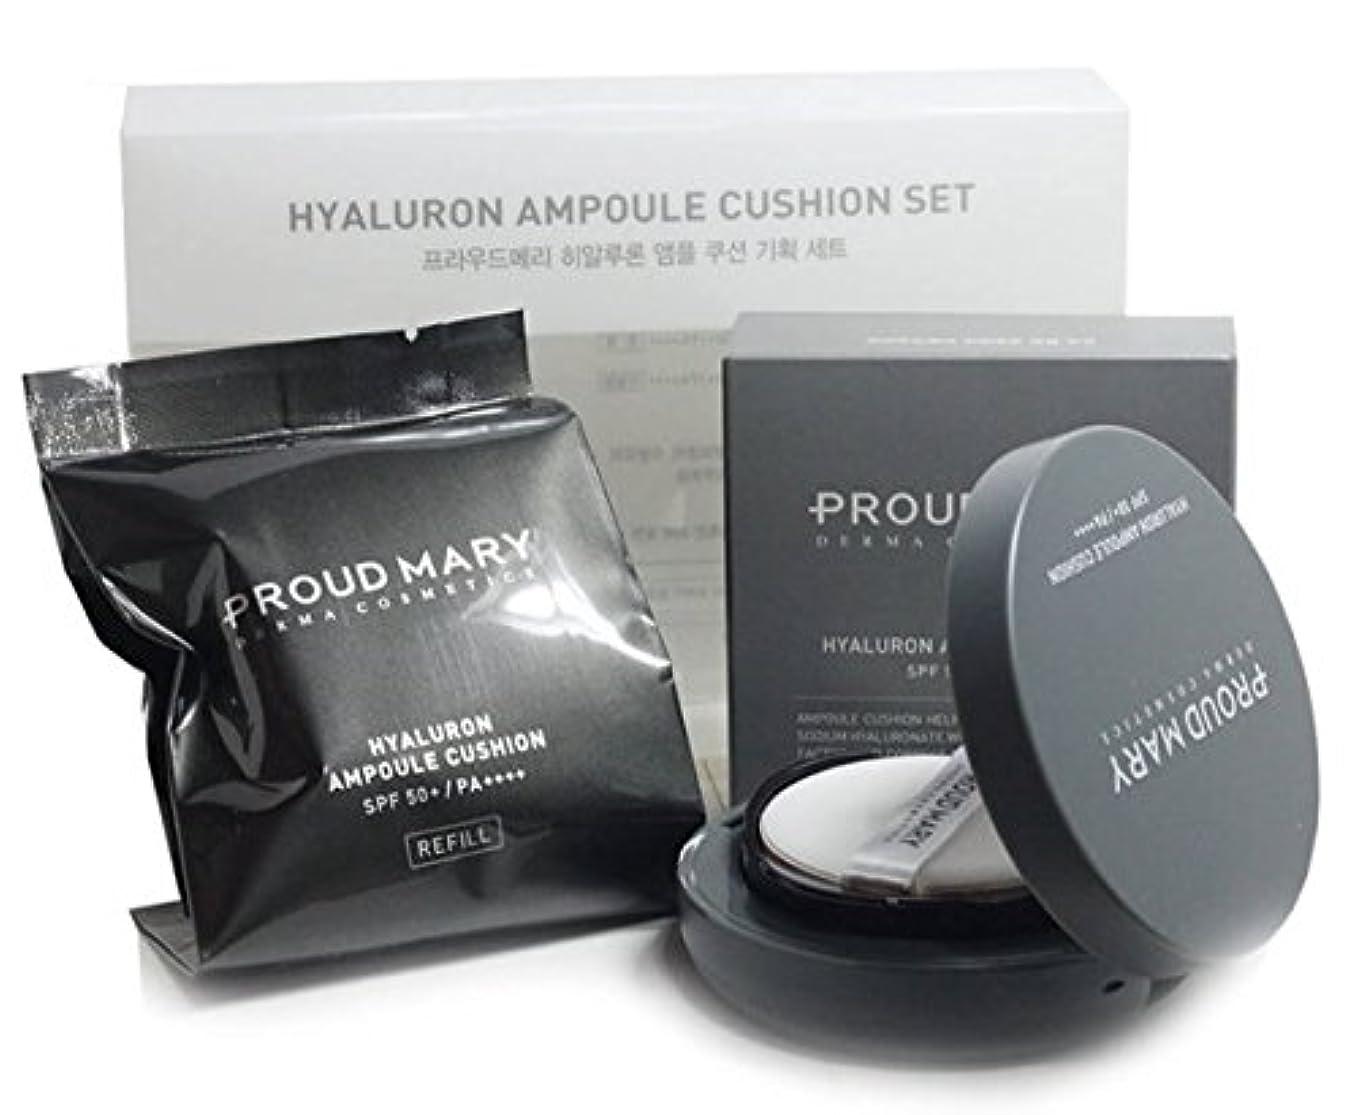 おじさん僕の触手[プラウドメアリー] Proud Mary ヒアルロン酸 アンプルクッション 肌色タイプ補正 水分保護膜形成 紫外線遮断 SPF50+PA+++ 本品15g+お代わり15g 海外直送品 (Hyaluron Ample Cushion Skin Tone Correction Moisture Protection Shielding Whitening wrinkle improvement UV protection SPF50 + PA +++ 15g + Refill 15g)